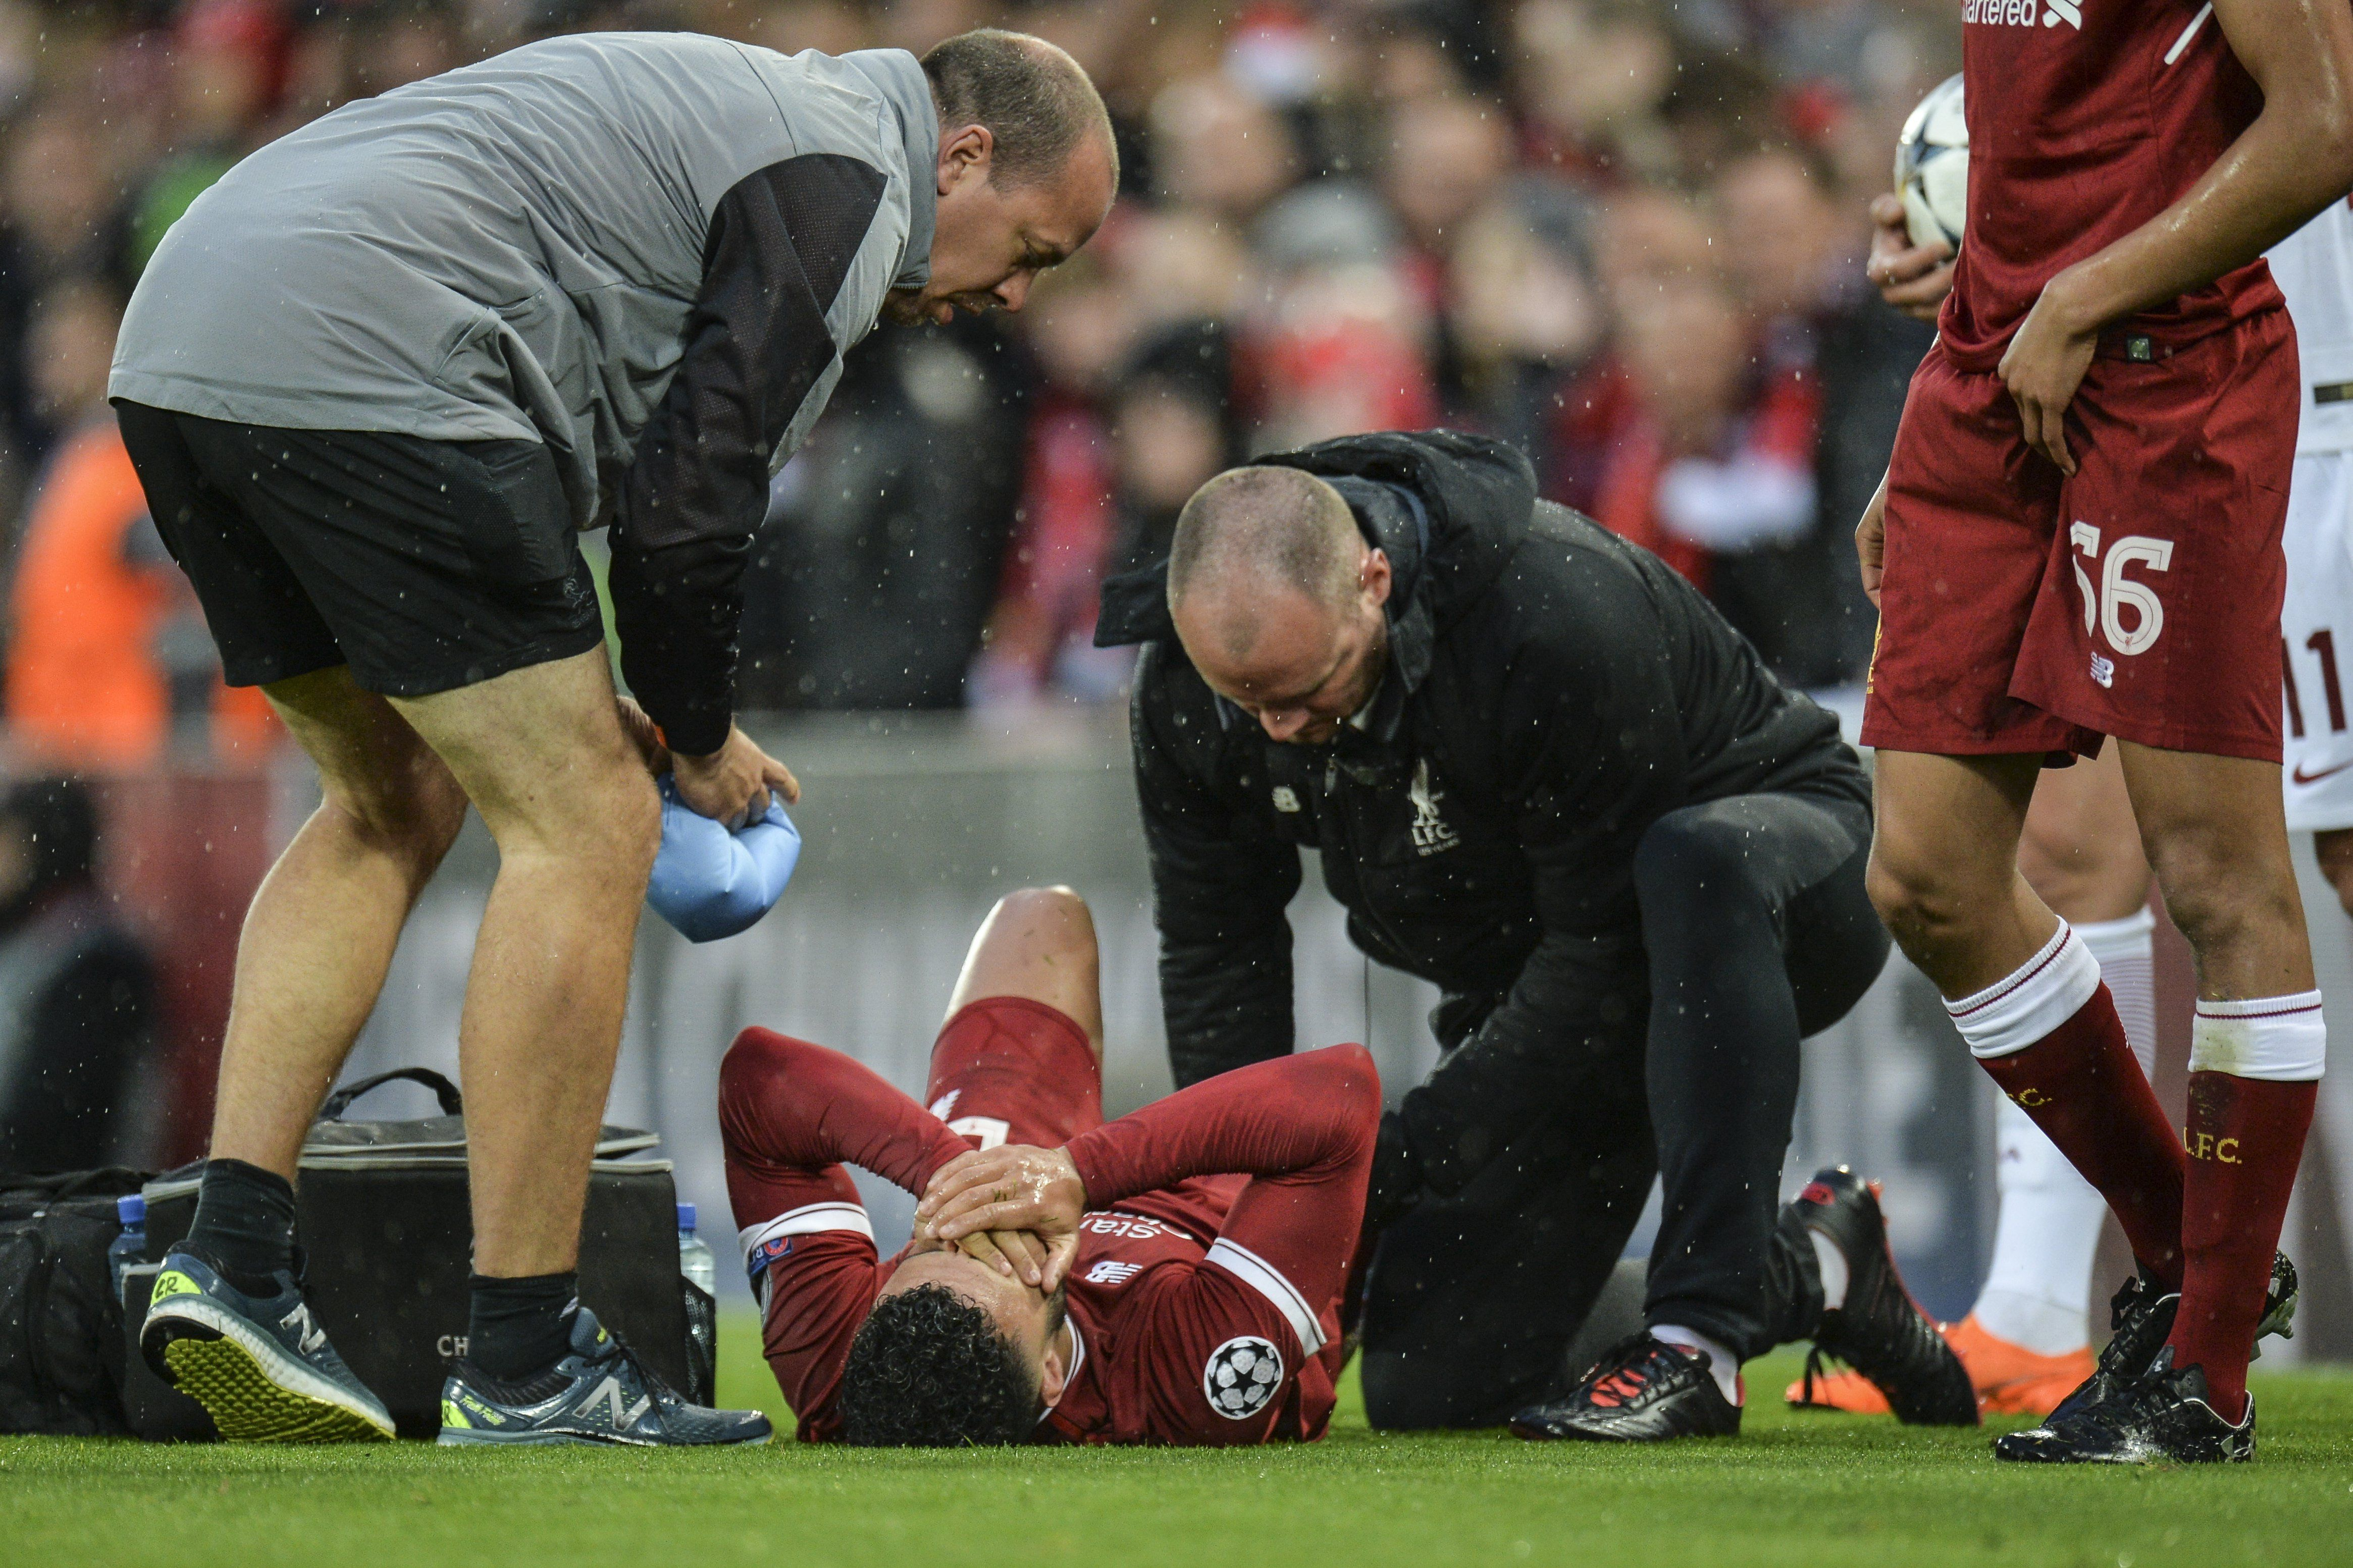 El dolor del jugador del Liverpool en pleno campo de juego